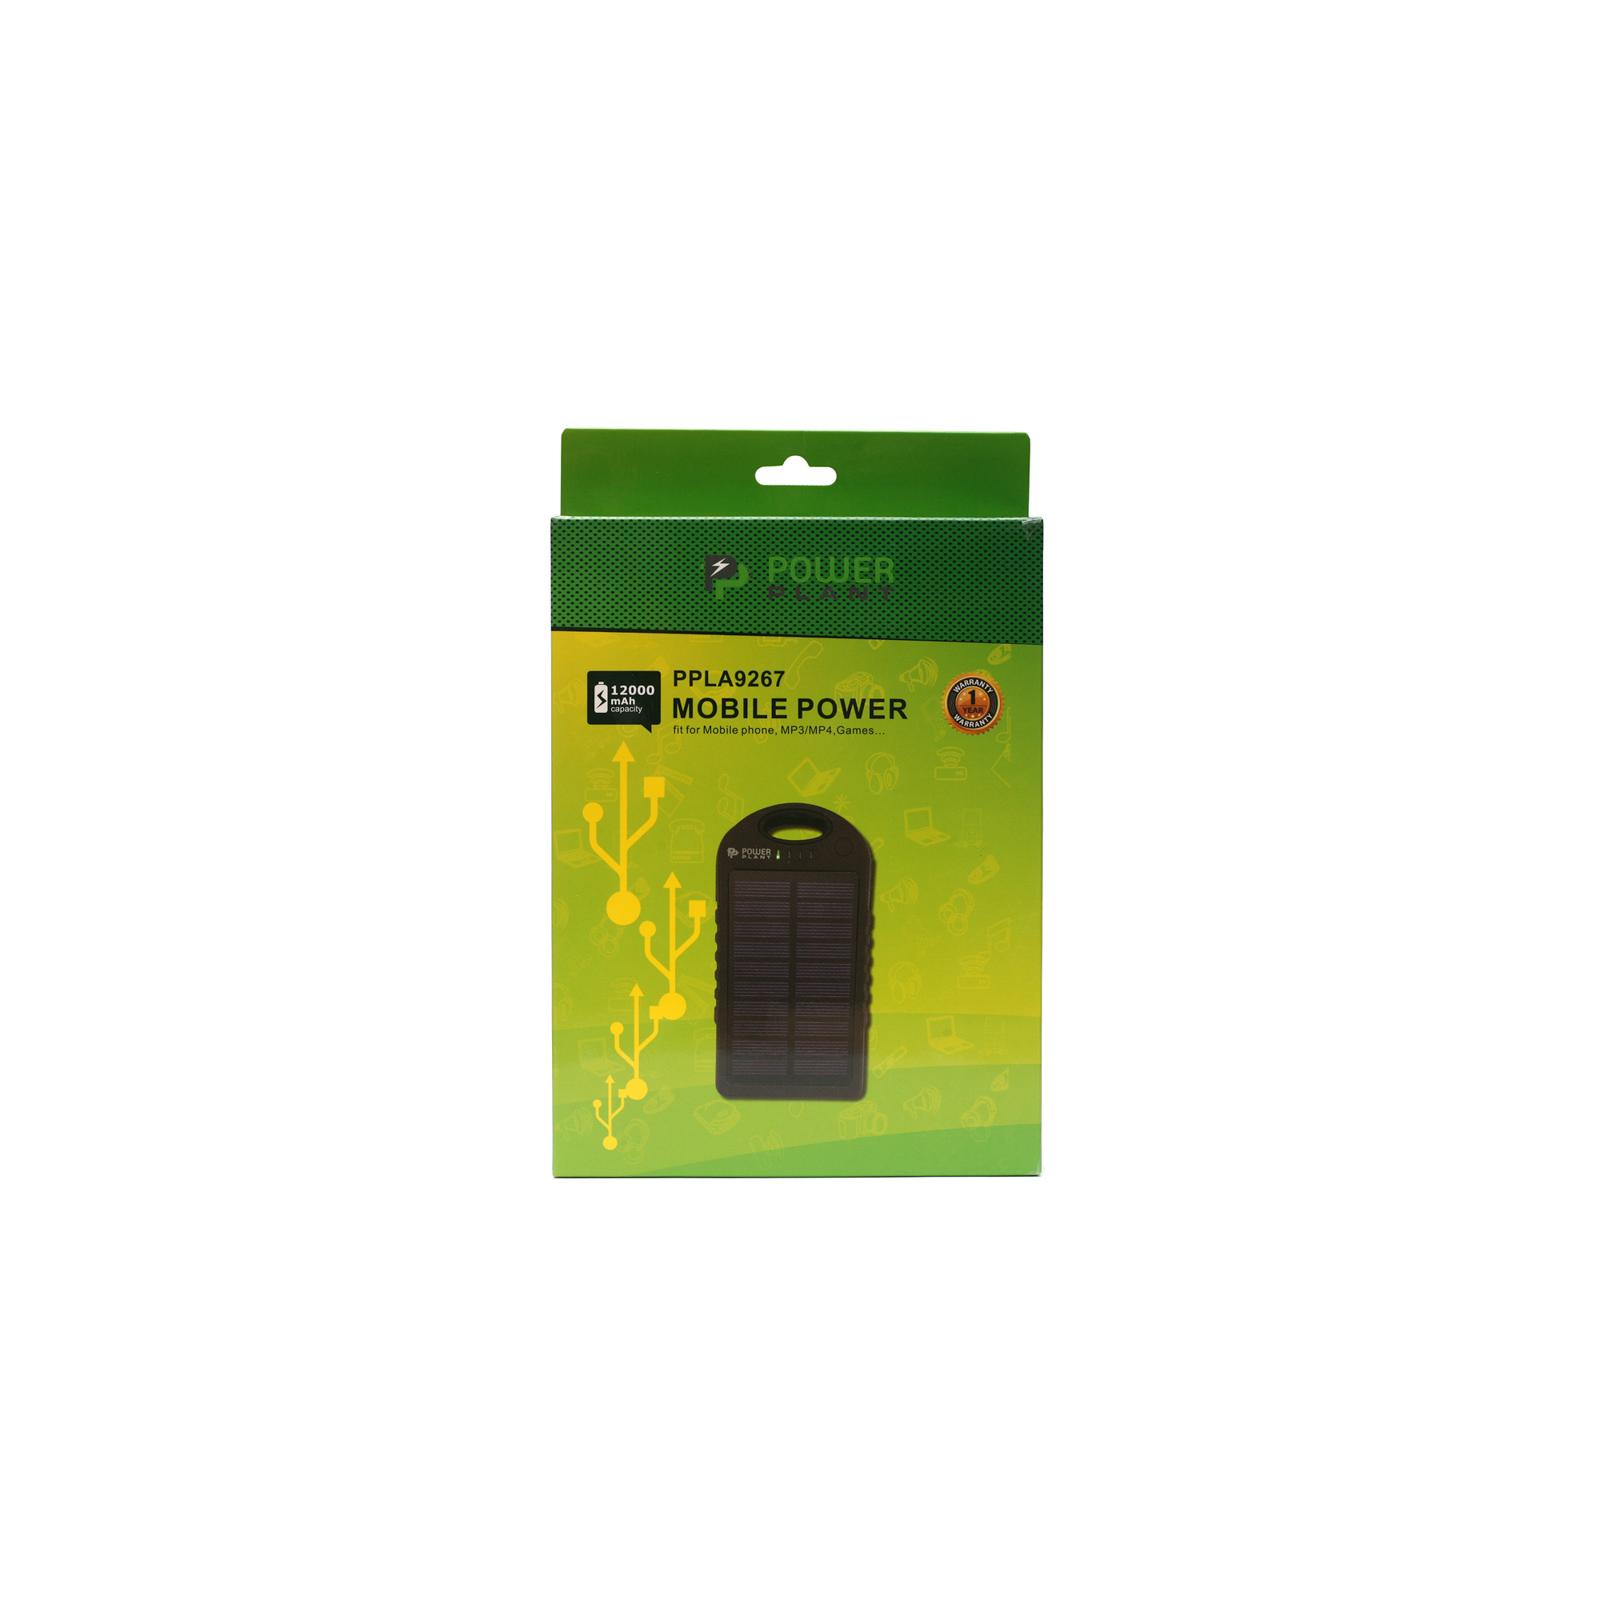 Батарея универсальная PowerPlant PB-LA9267 12000mAh 1*USB/1A 1*USB/2A (PPLA9267) изображение 4